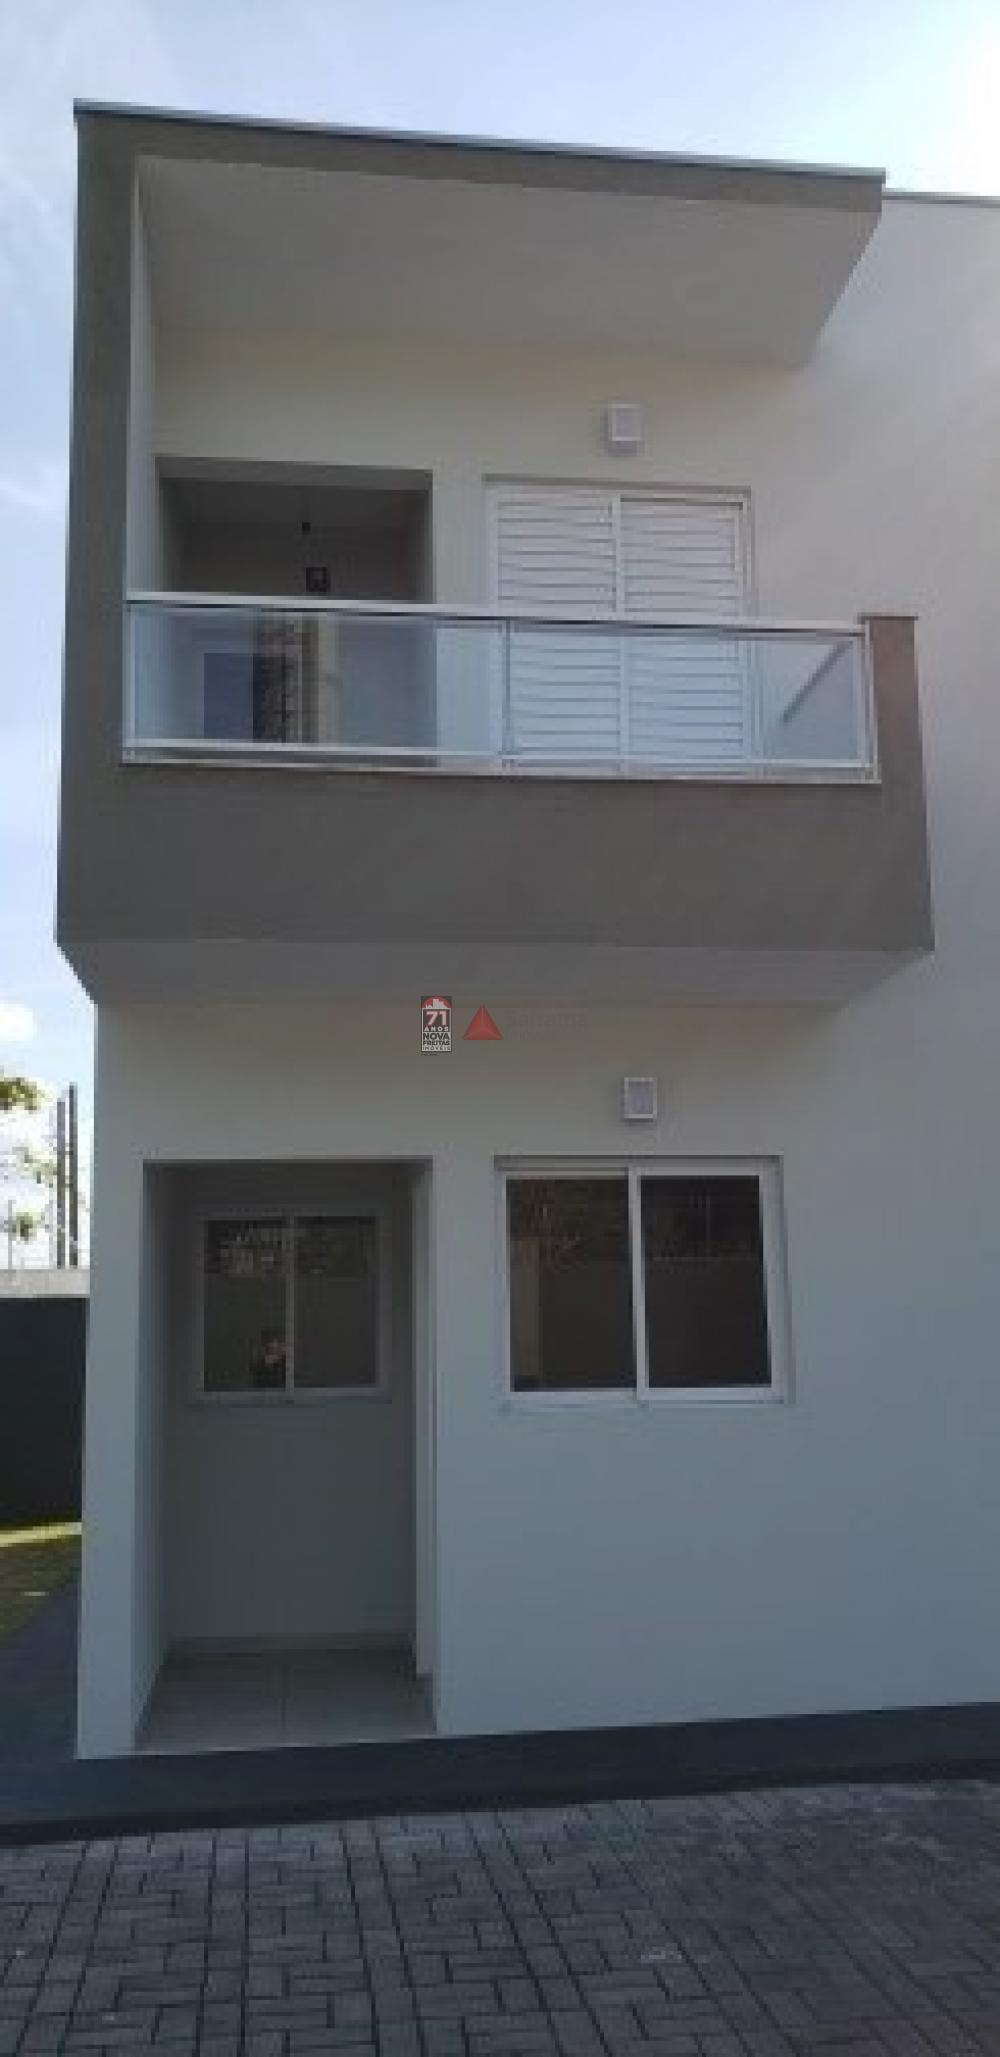 Comprar Casa / (Sobrado em condomínio) em Caraguatatuba apenas R$ 270.000,00 - Foto 2